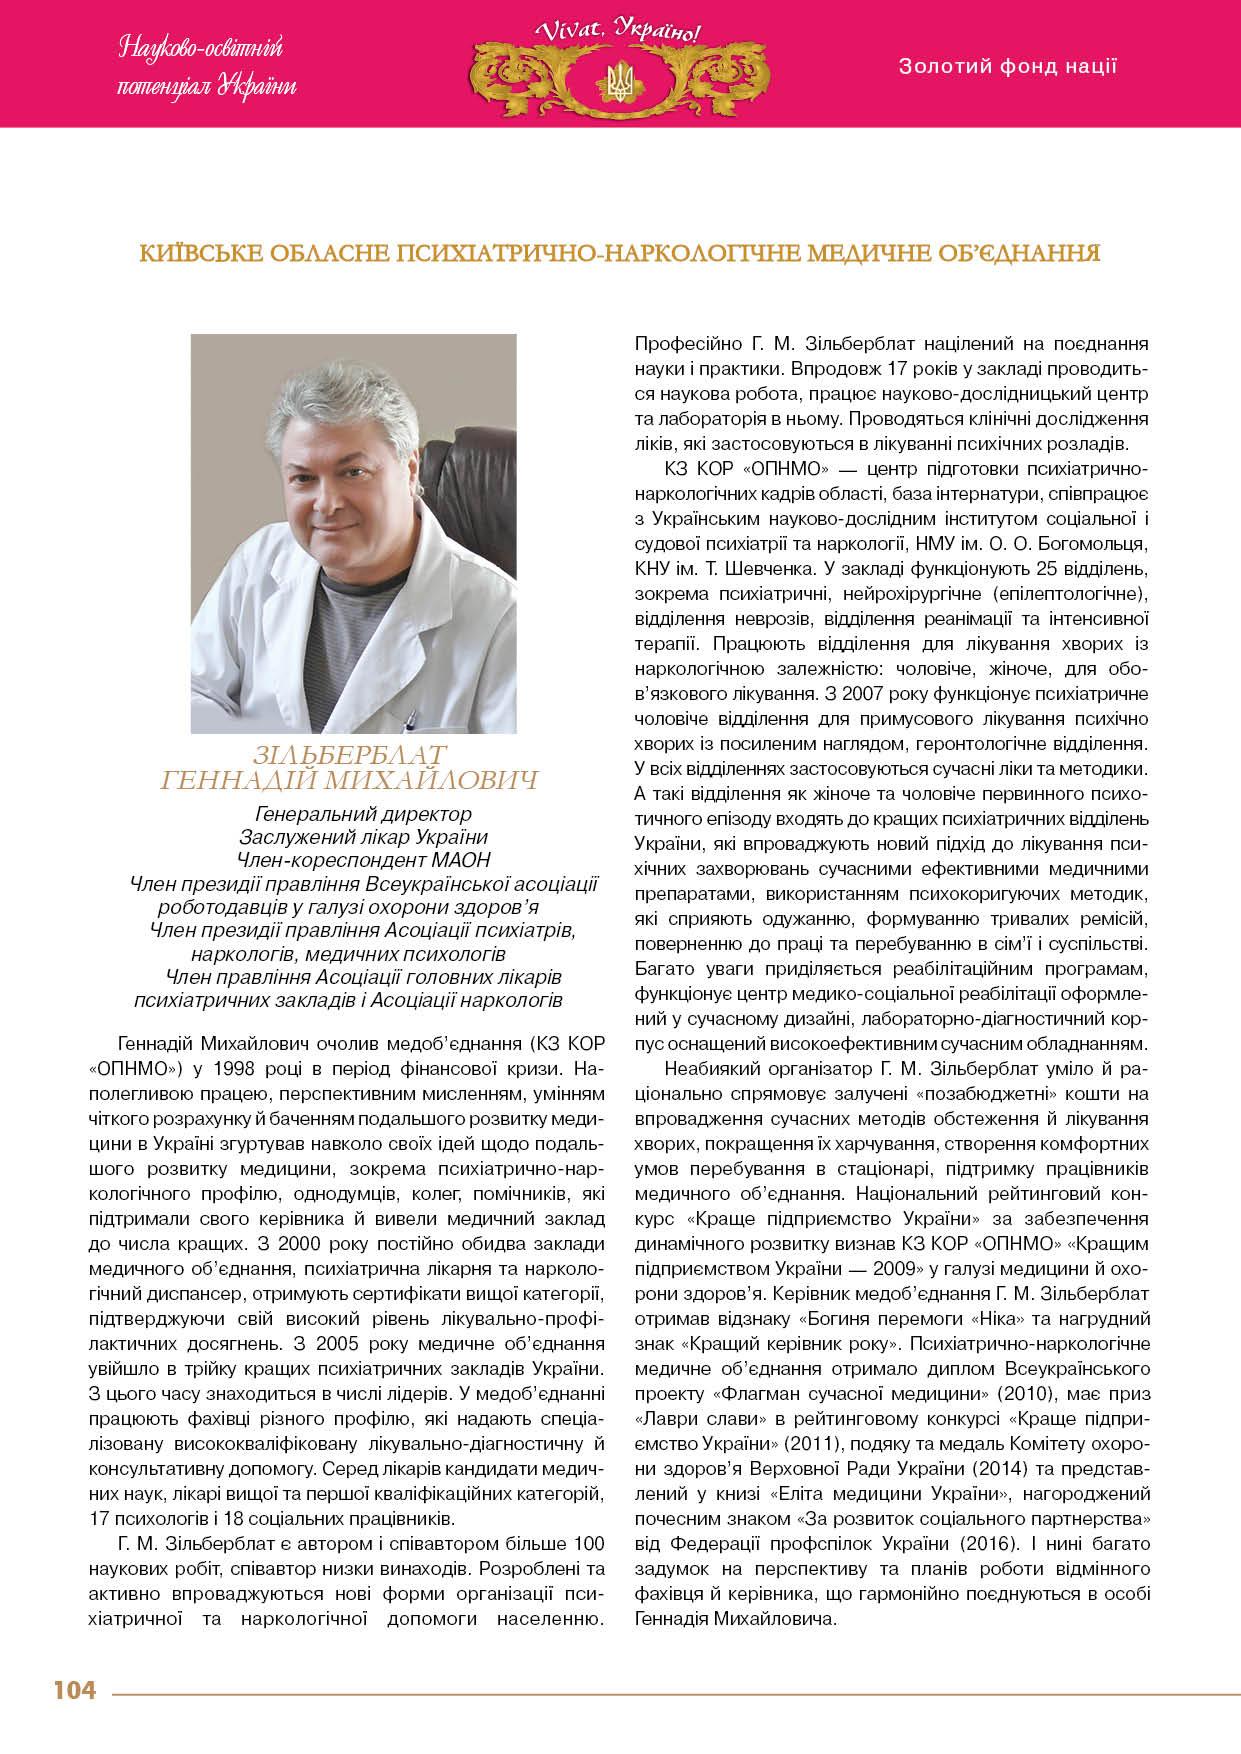 Зільберблат Геннадій Михайлович